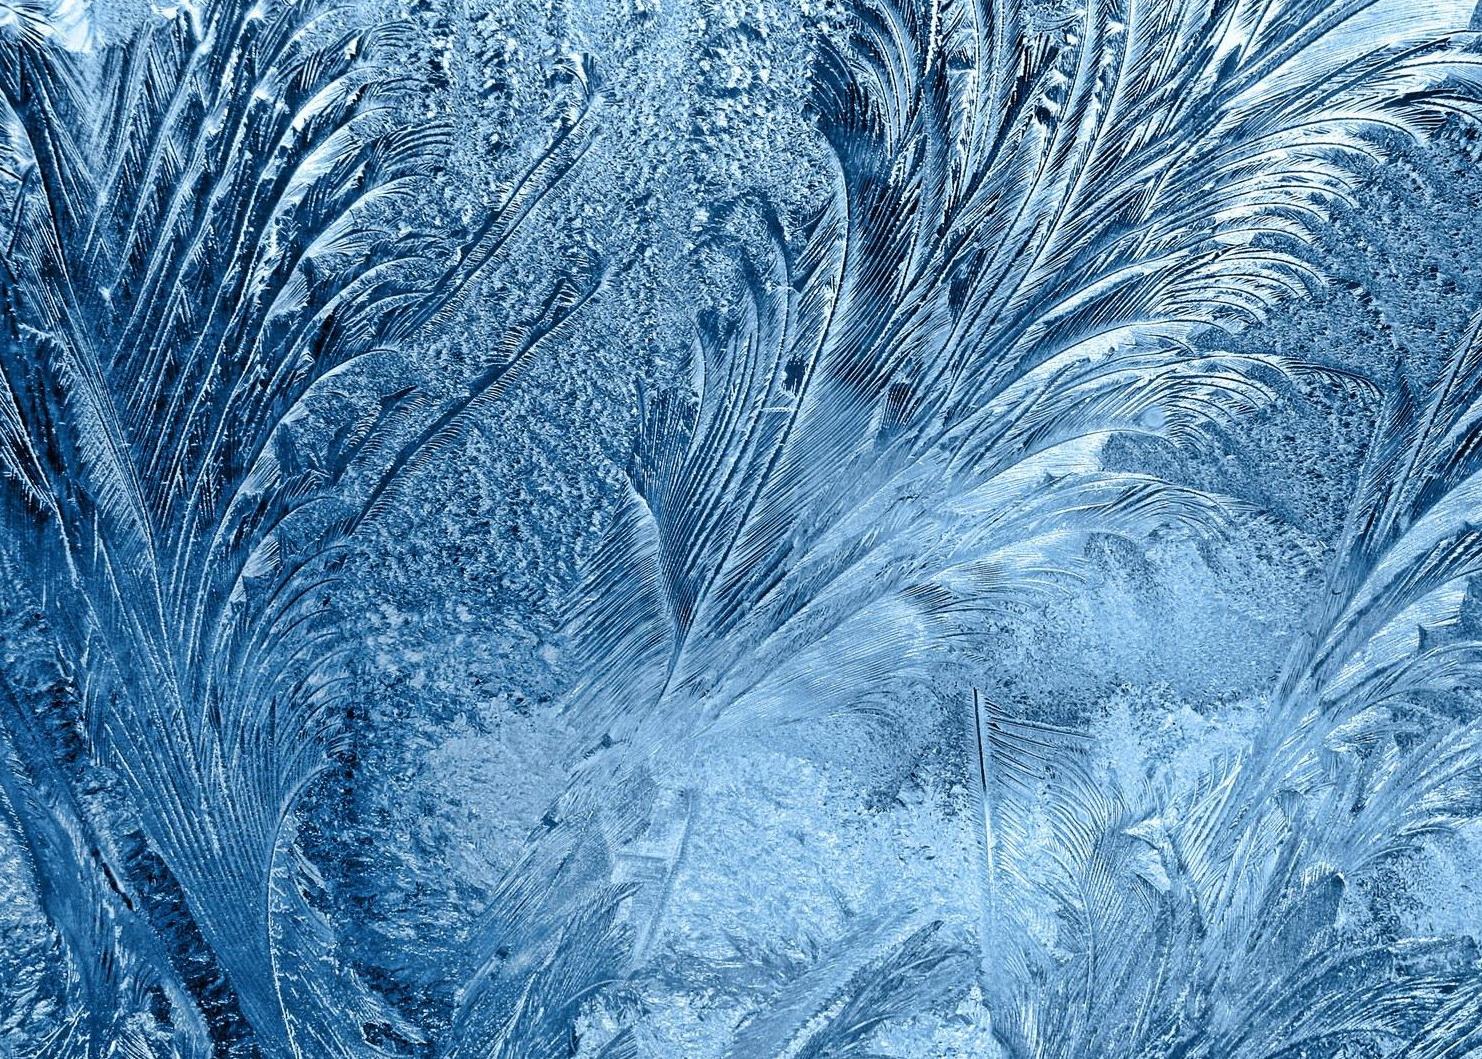 Мороз на окне 1482 x 1059